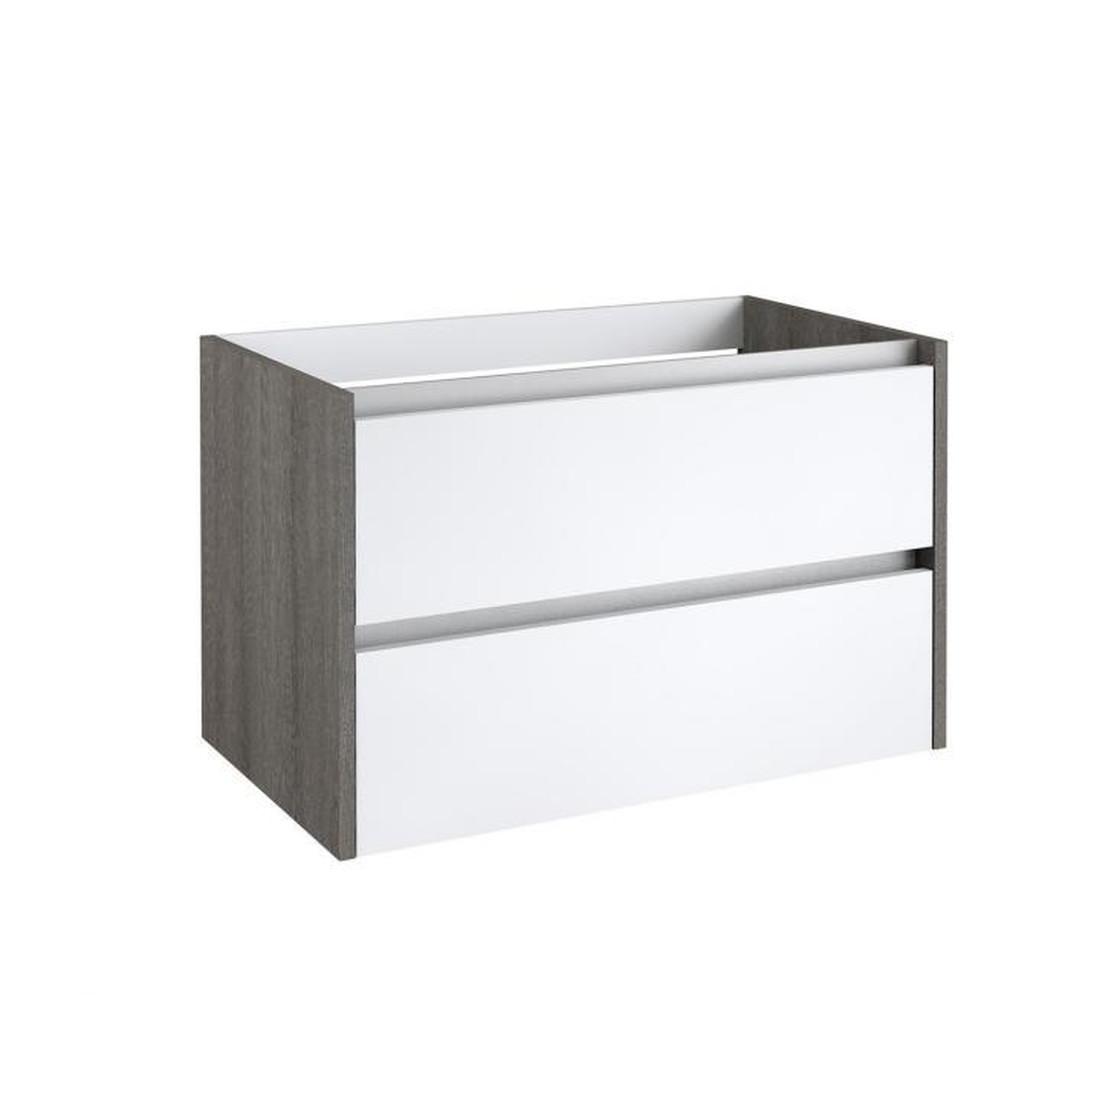 Waschtischunterschrank Schubladen Weiss Glanzend Esche Grau 80 Cm